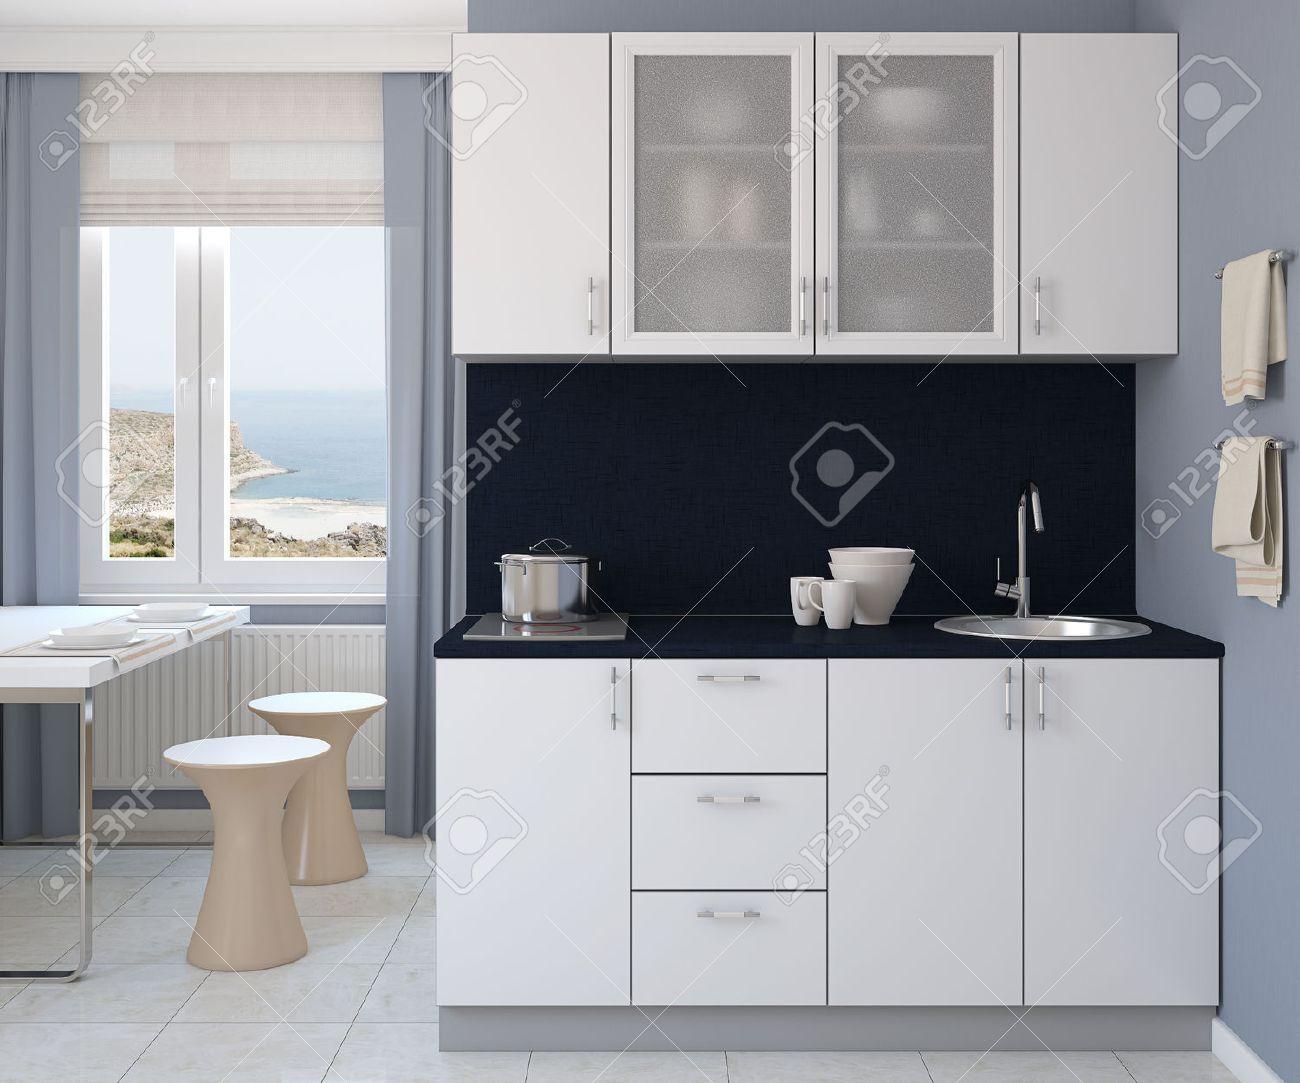 Cucina Moderna Bianca. Cool Casa Moderna Casa Moderna Bianca E Nera ...